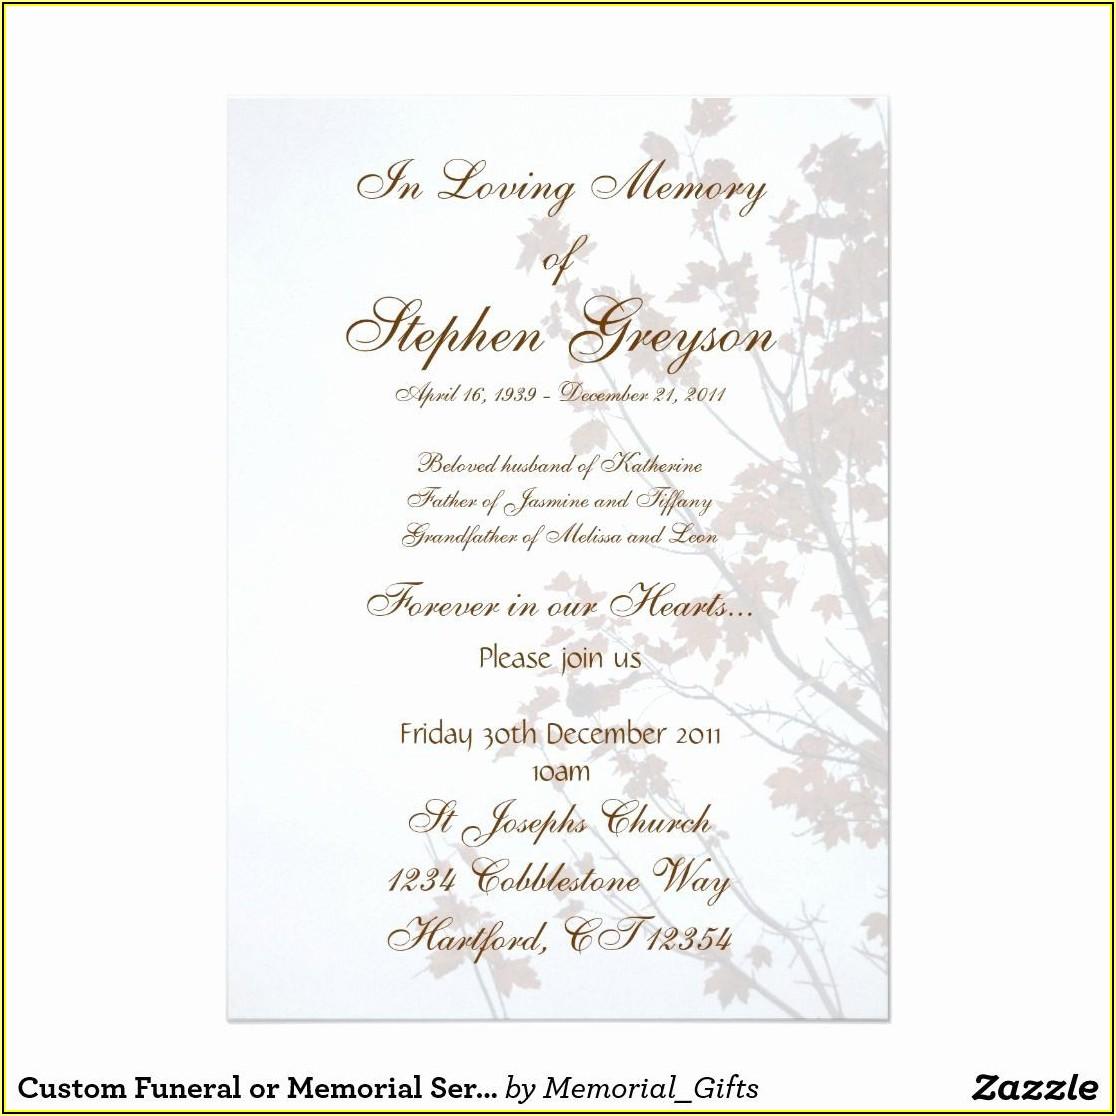 Memorial Service Invitation Template Free